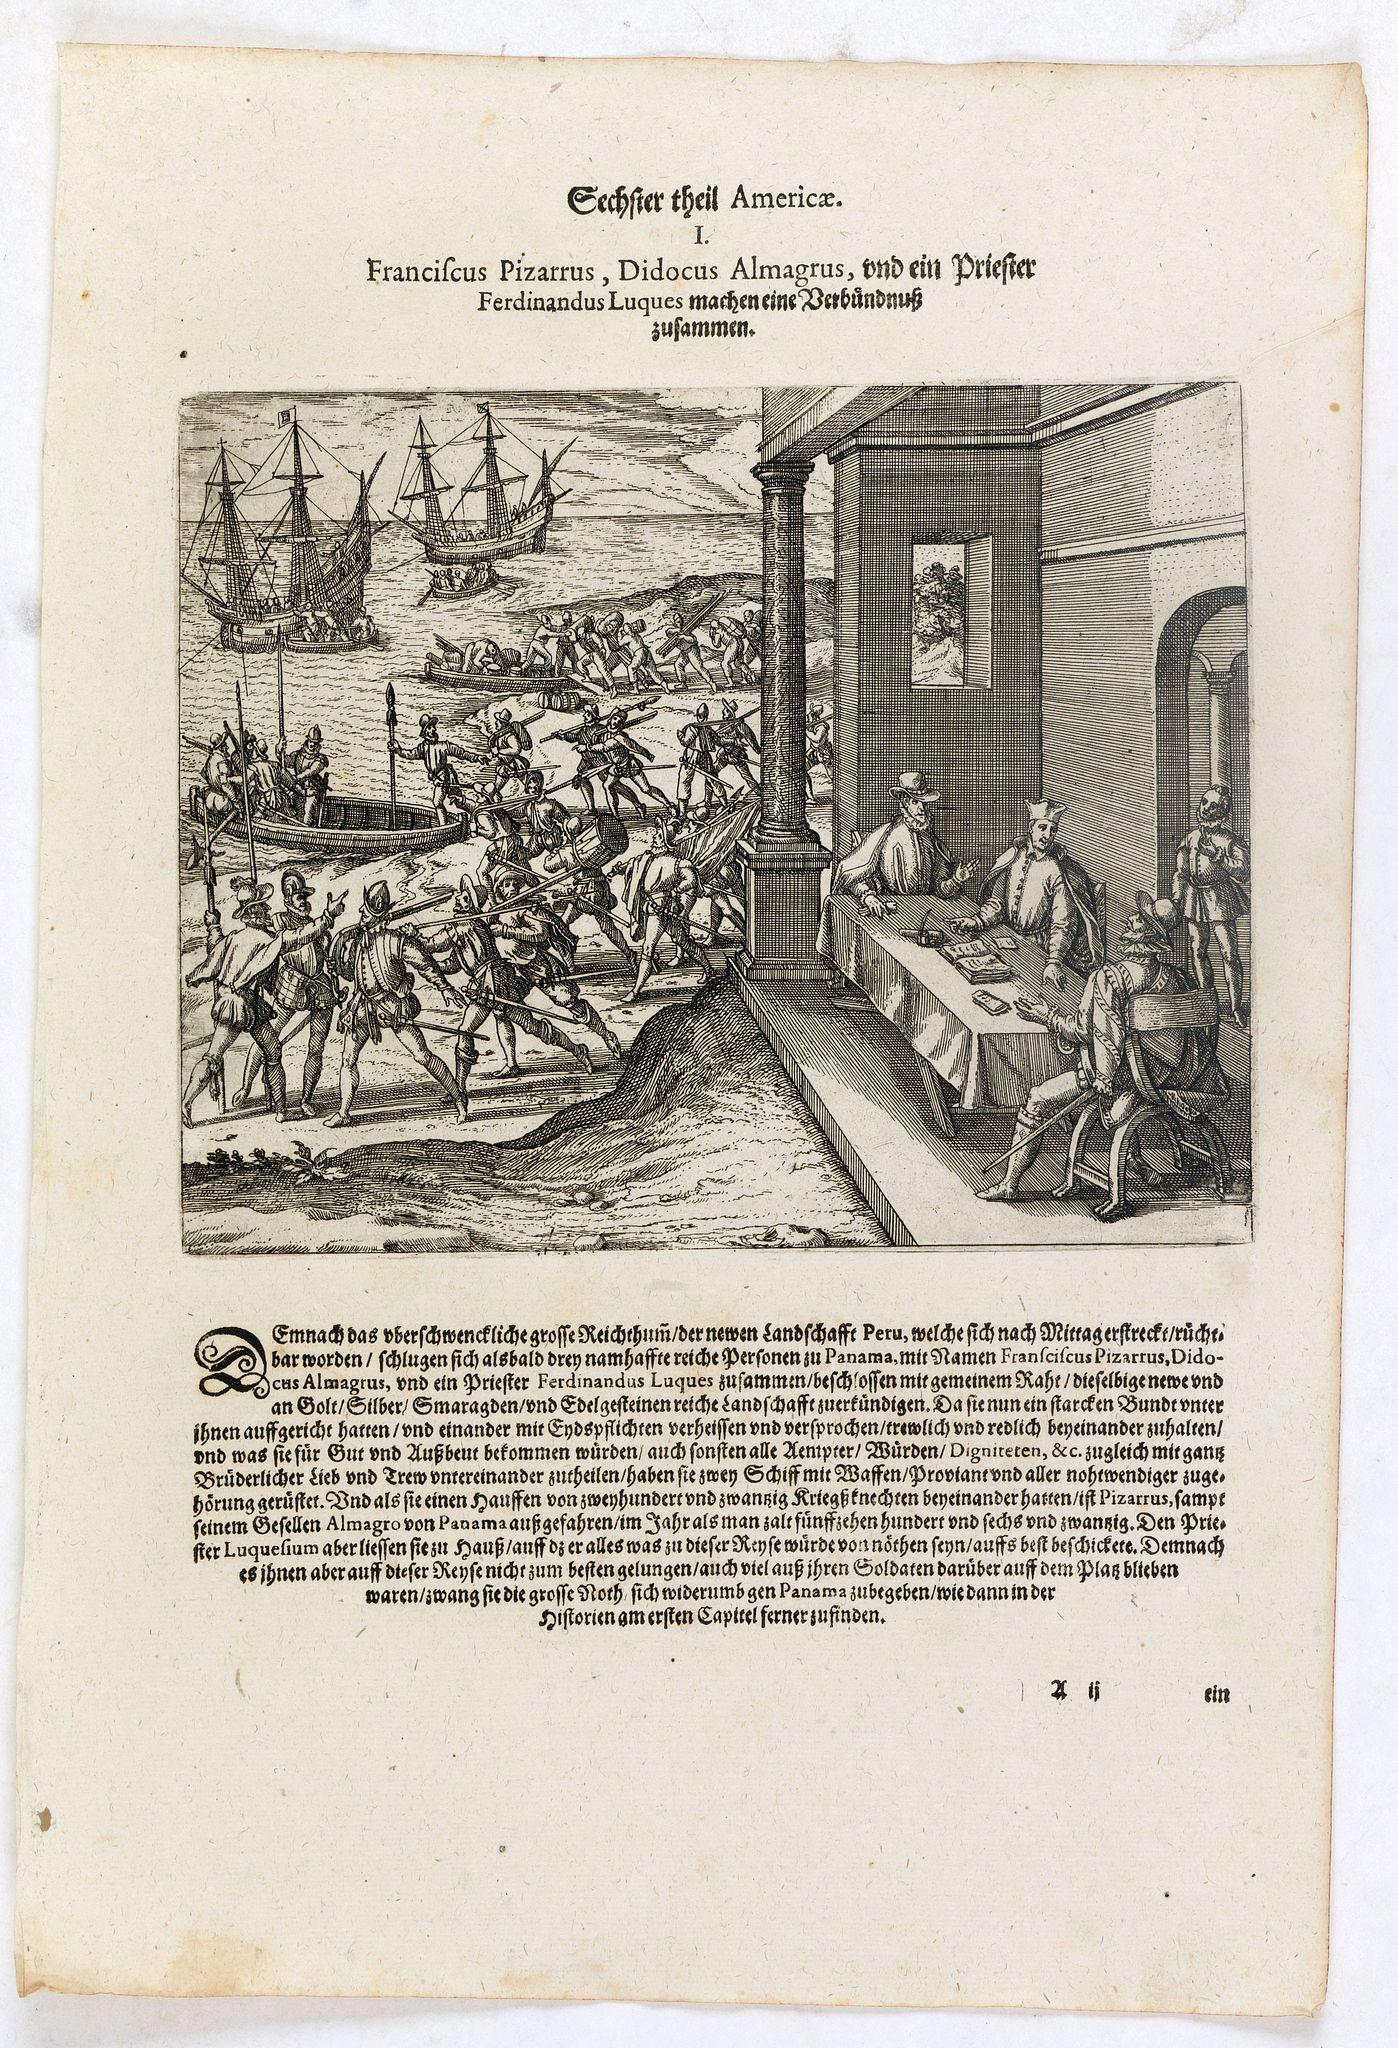 DE BRY, Th. -  Franciscus Pizarrus, Didocus Almagrus, und ein Priester Ferdinandus Luques machen eine Verbündnuss zusammen.